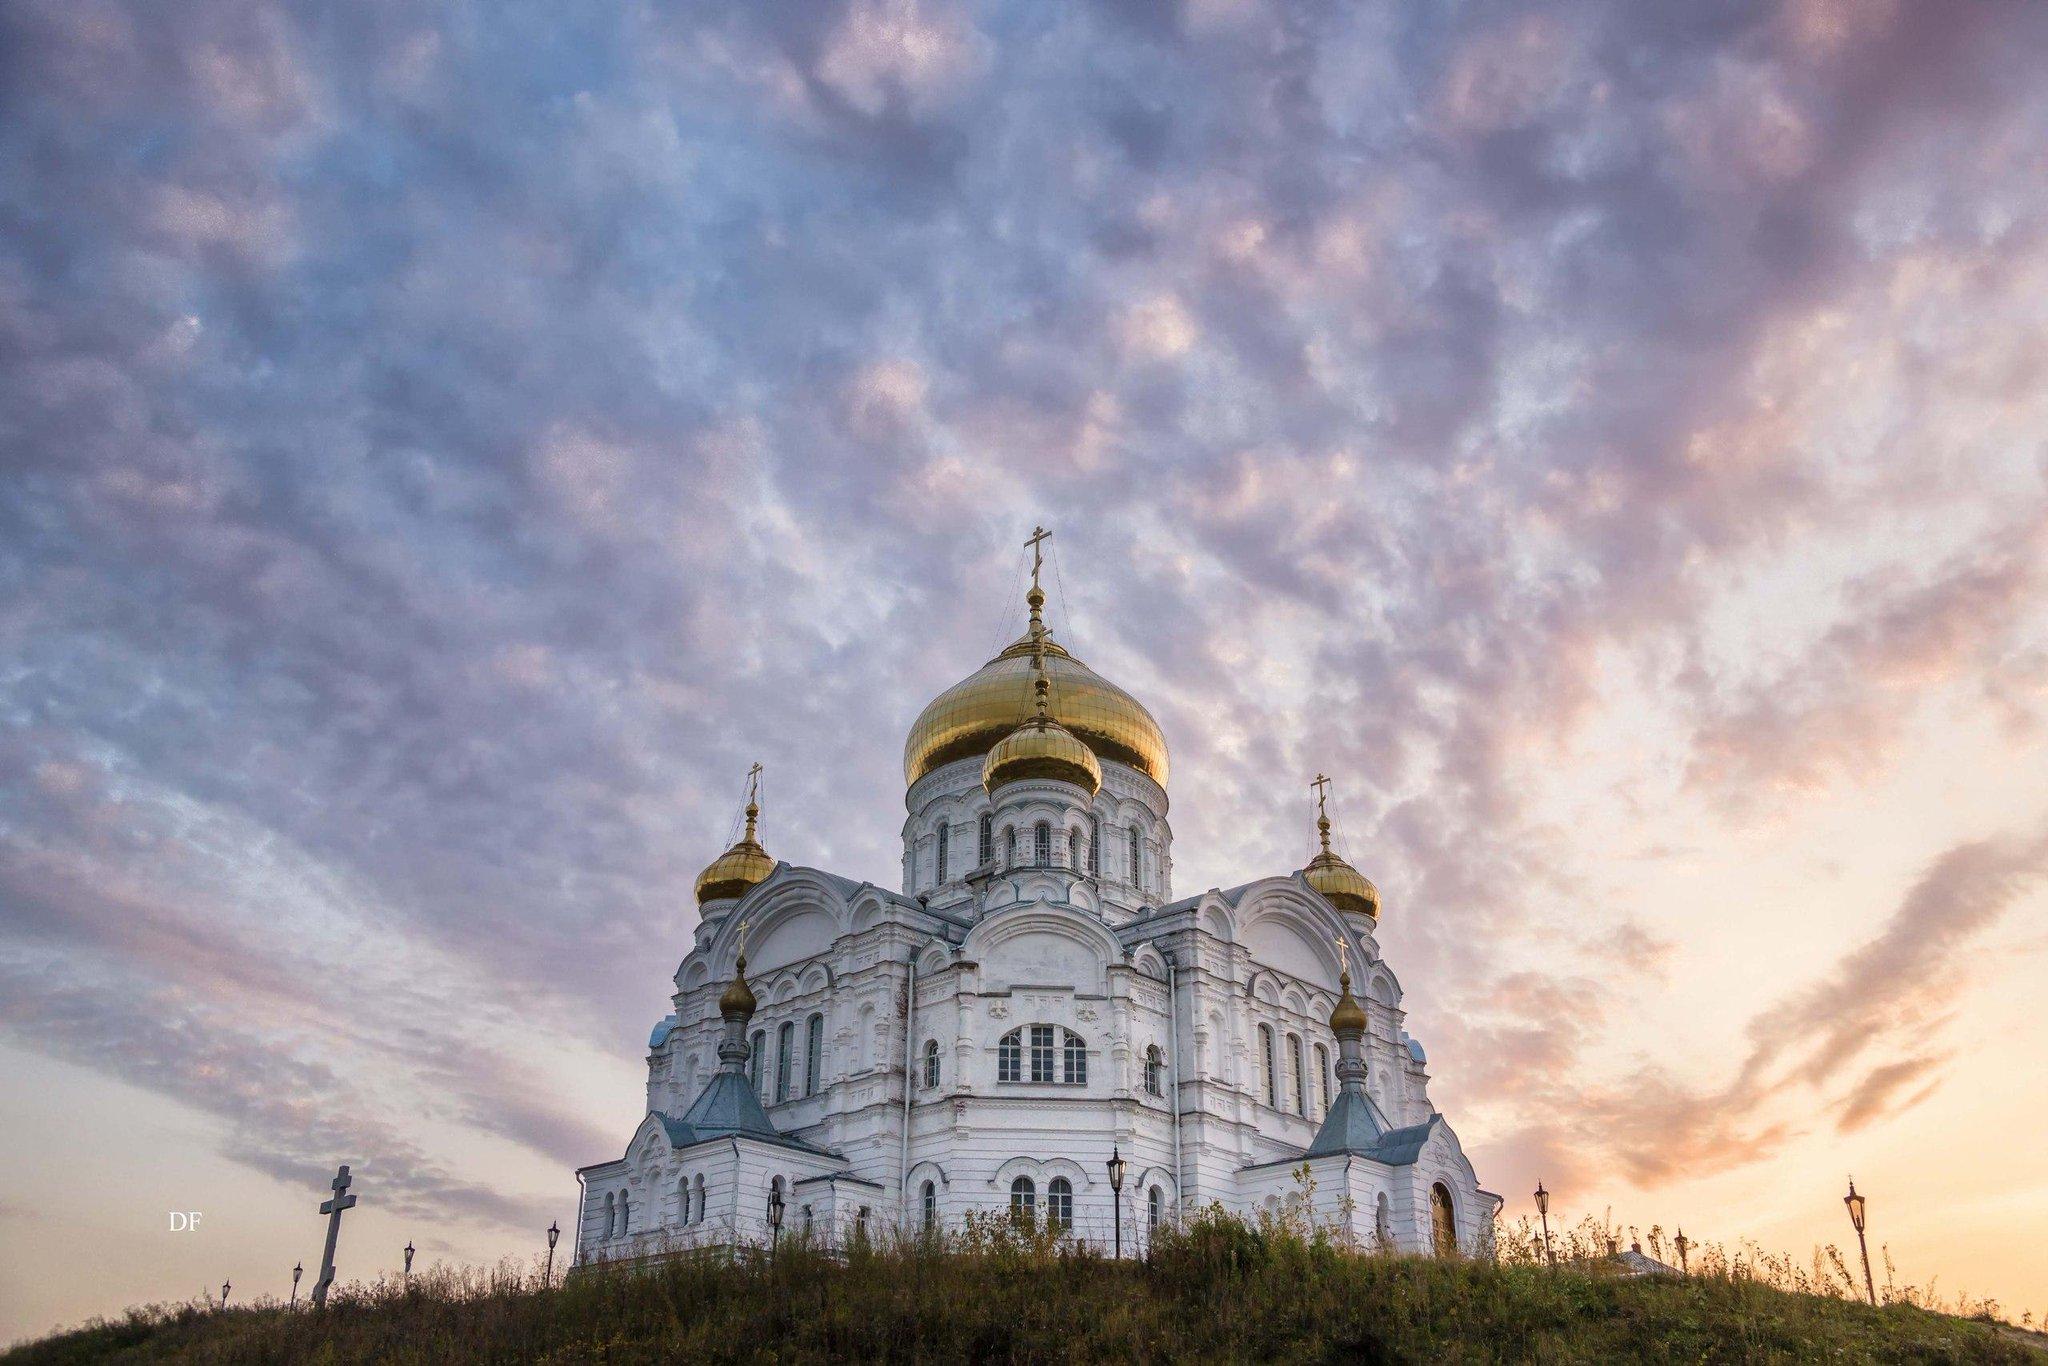 квартира белогорский монастырь картинки много